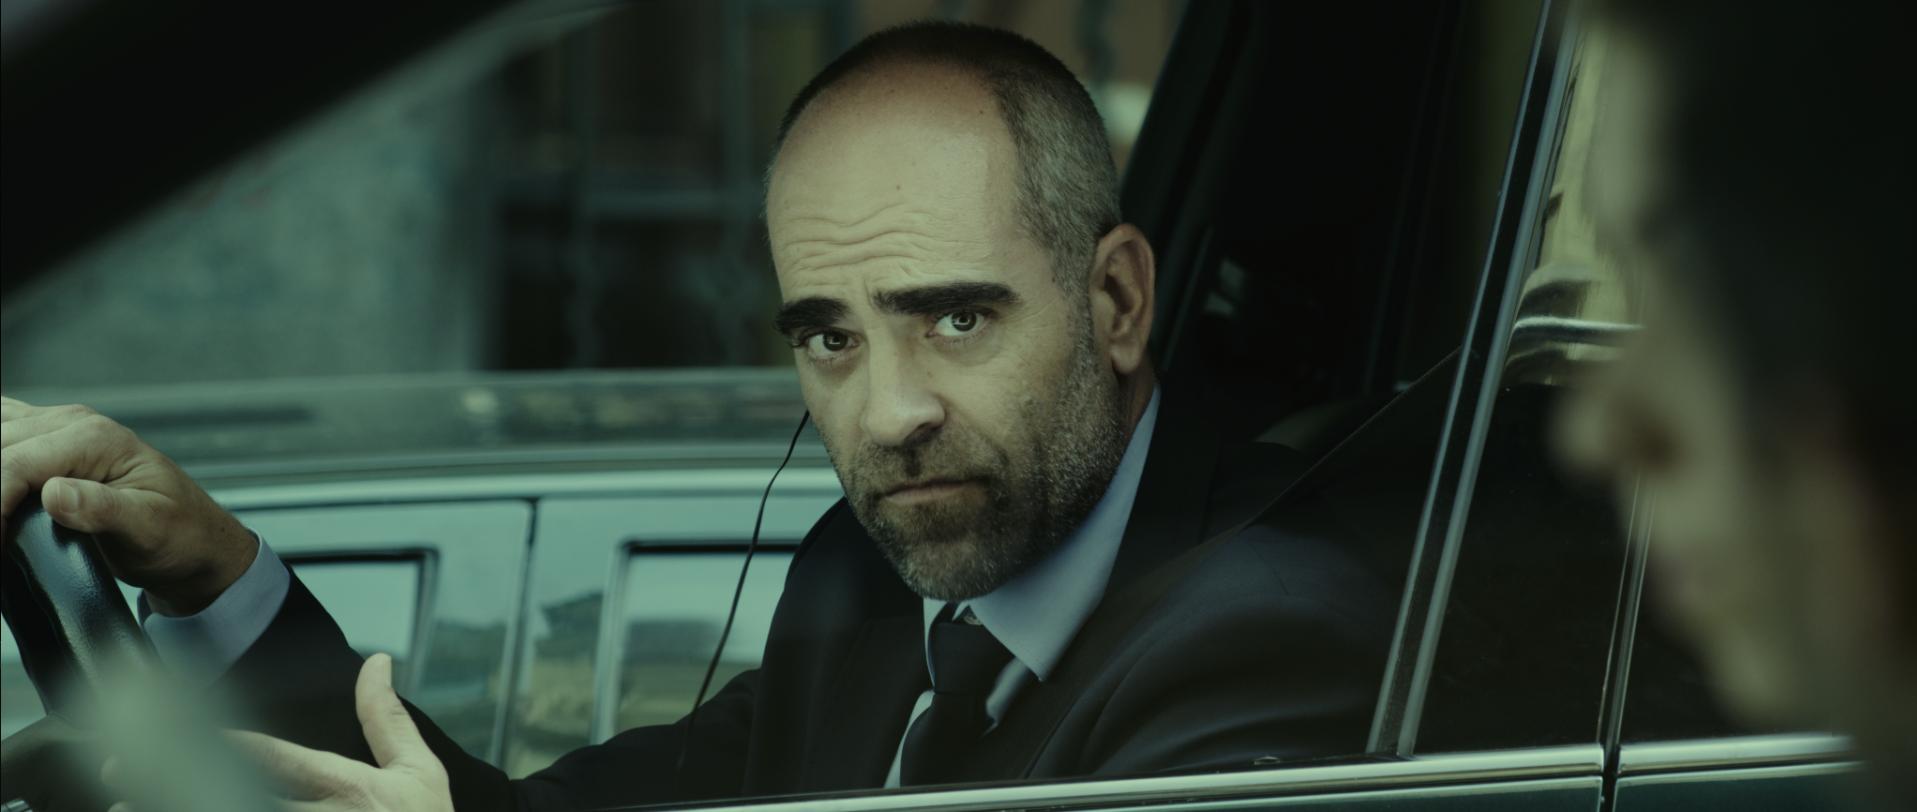 #ElDesconocido, un intrigante thriller de acción que no te dejará levantarte del asiento. Literalmente. ¡25 de Septiembre en cines!